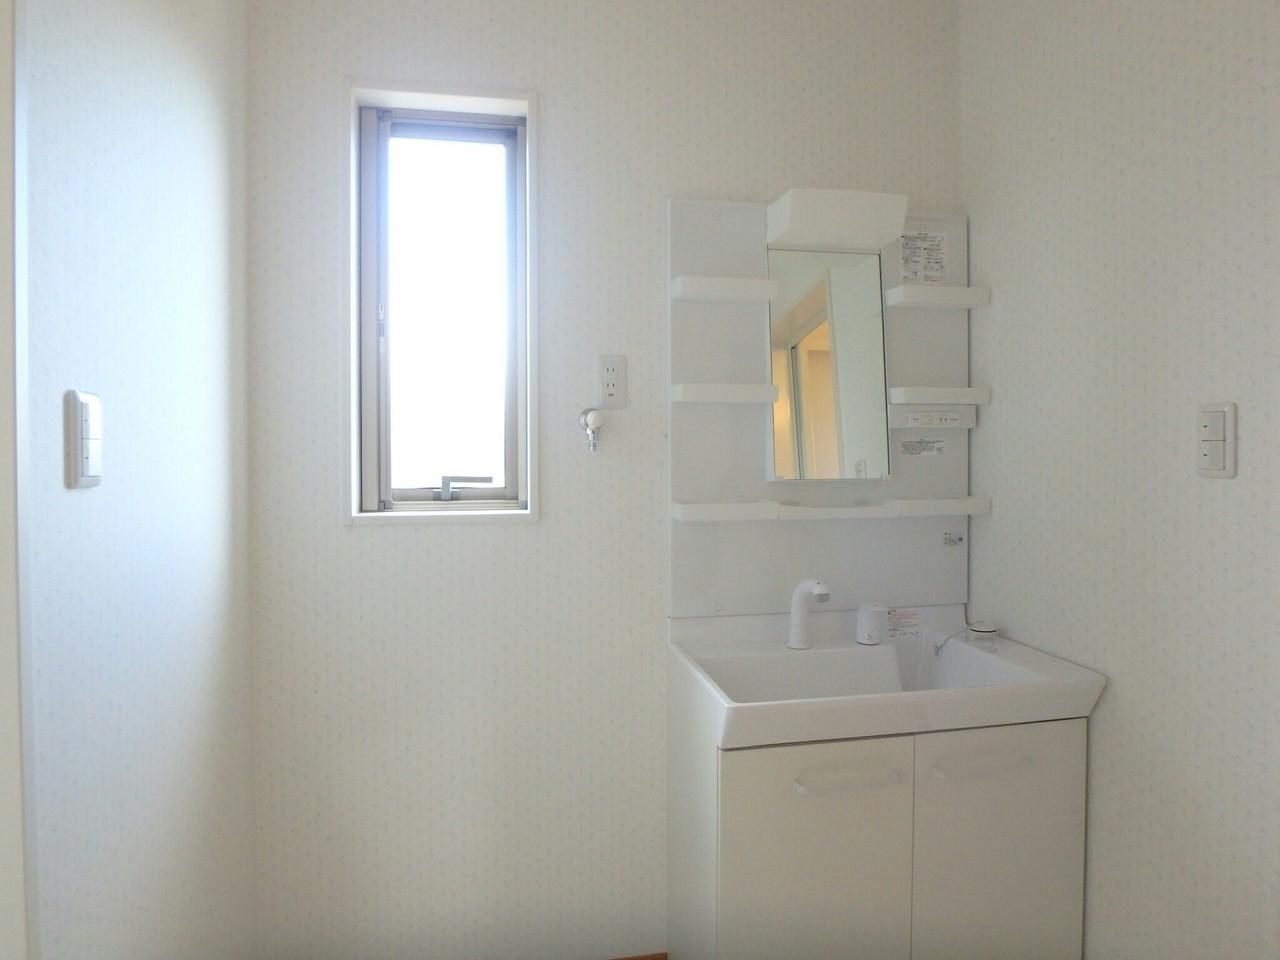 清潔な洗面化粧台です。毎日の身だしなみチェックはこちらでどうぞ。